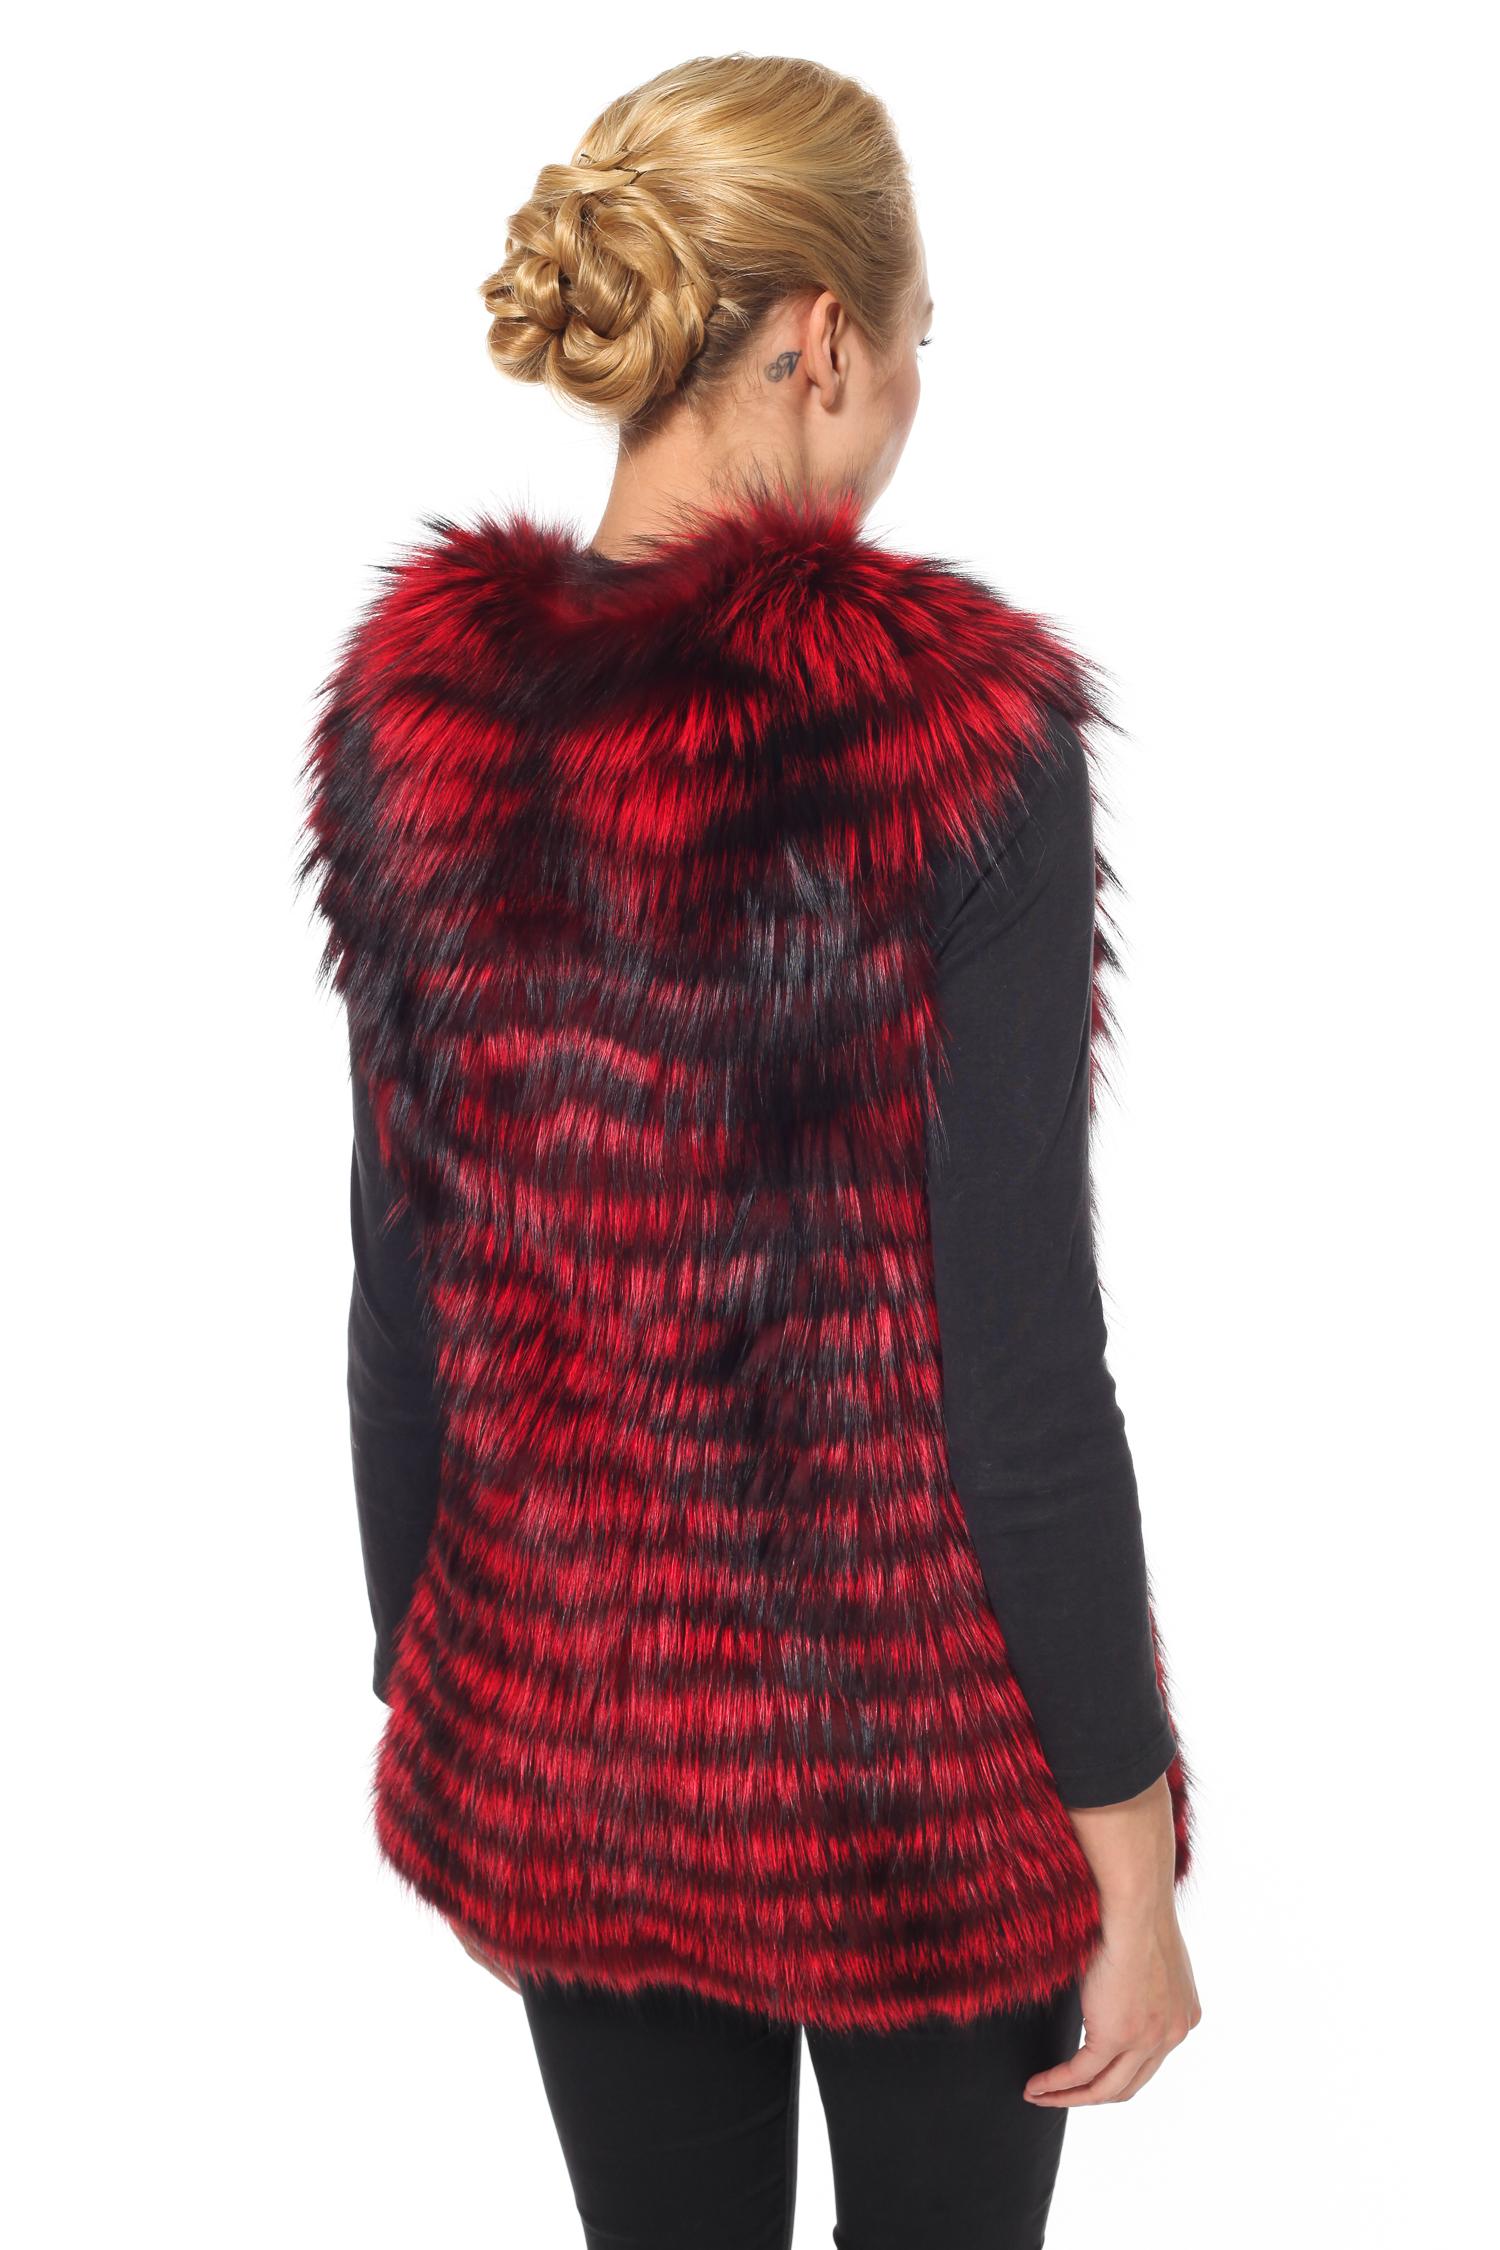 Фото 2 - Меховой жилет из лисы от МОСМЕХА красного цвета